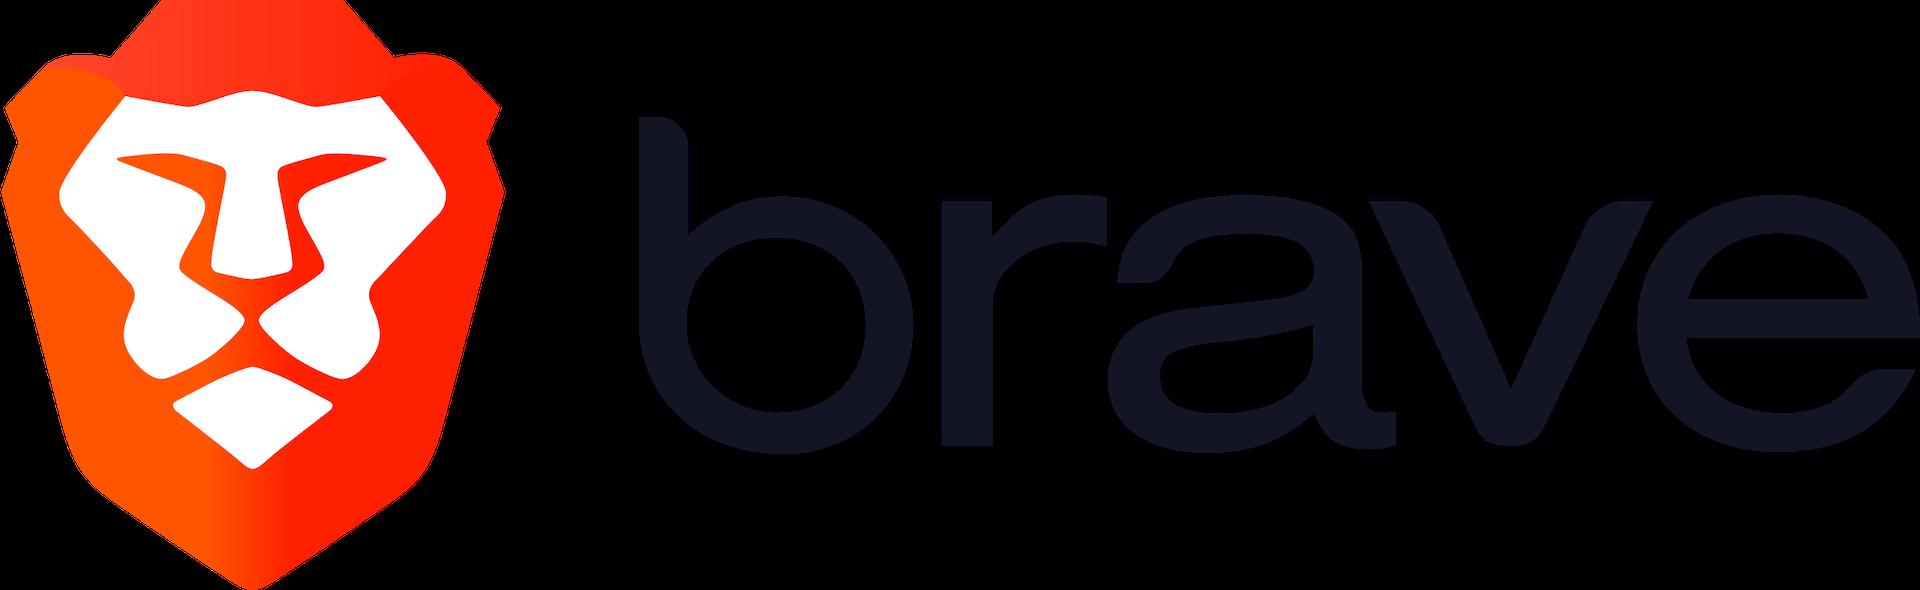 ¿Qué es Brave y cómo funciona? Claves del browser que te paga por usarlo